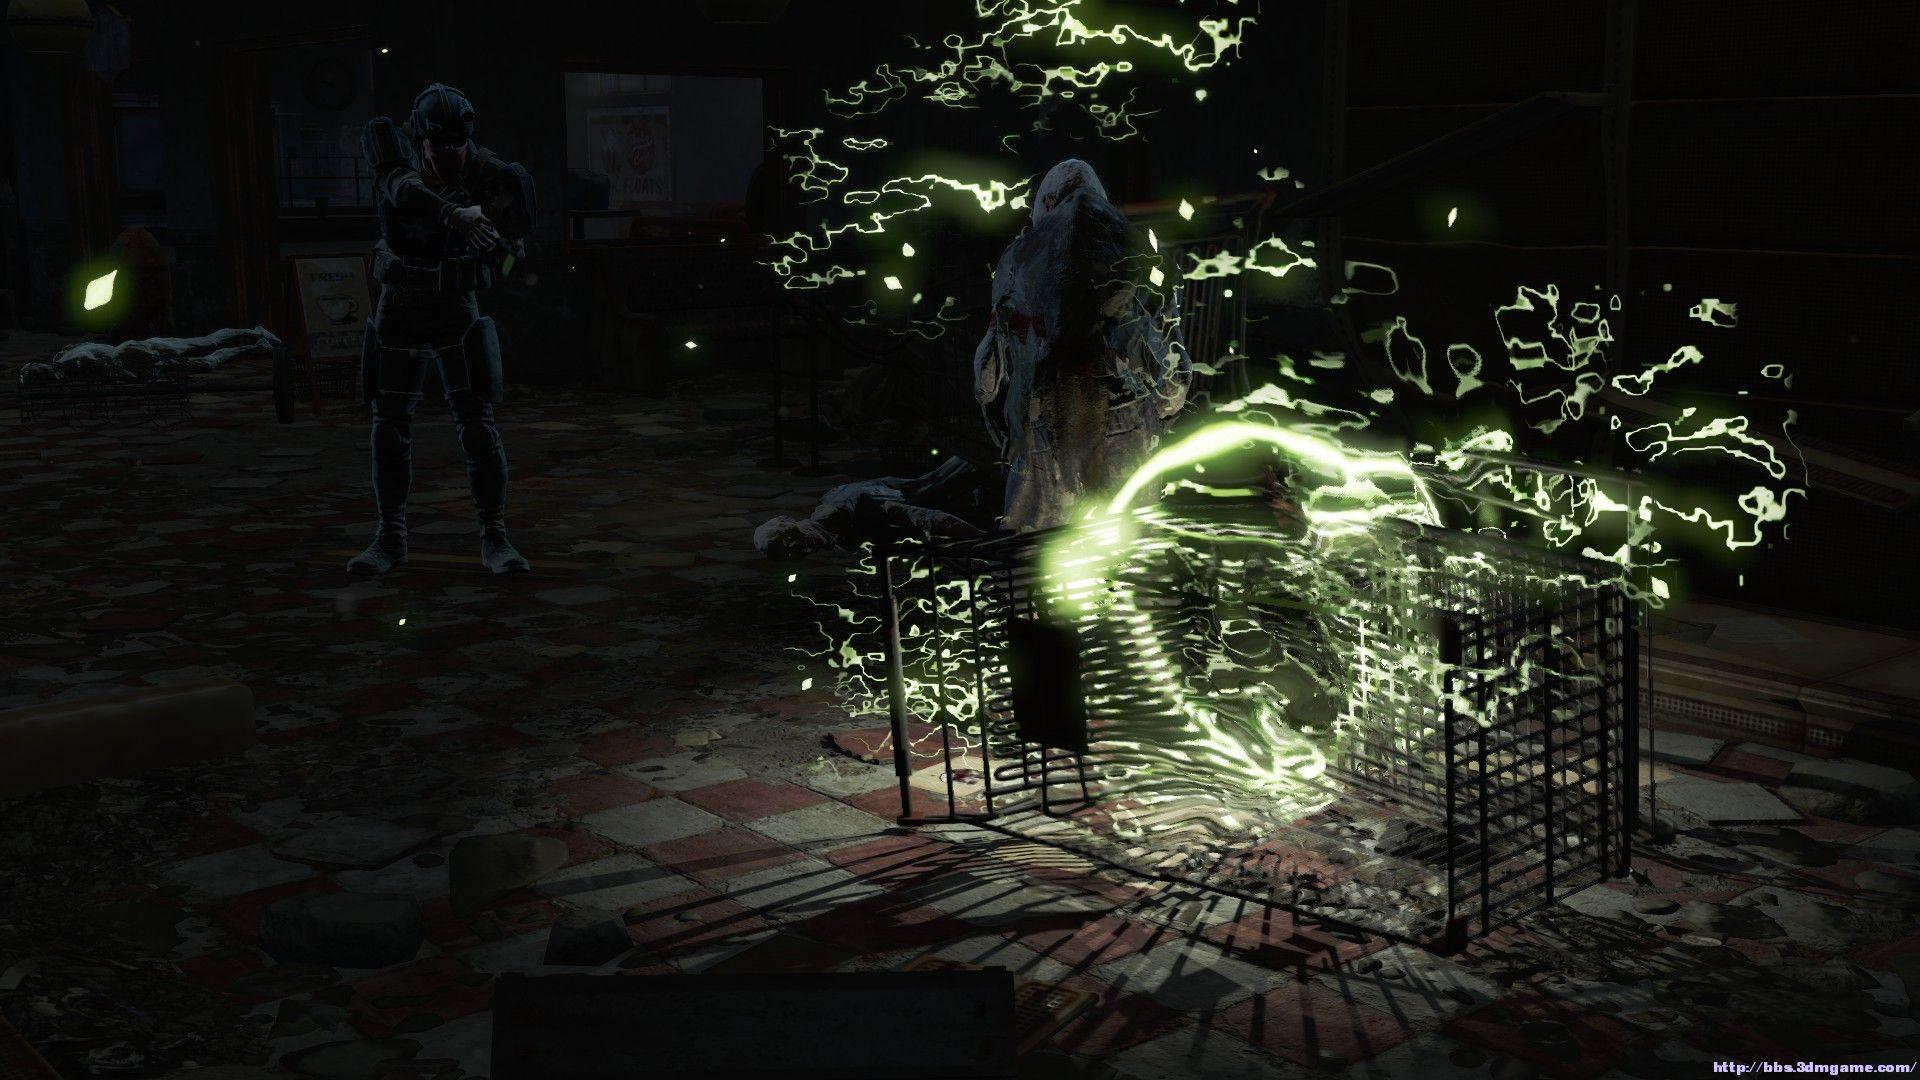 """资源说明: 辐射4 动态枪口火焰阴影MOD,由""""Troy Irving""""制作,这个MOD添加了动态的阴影,让你的枪口火光能够对物体造成影响,使它们产生光源指向性阴影,这让游戏看起来更真实,需要的玩家不要错过哦! 使用说明: esp丢data里,MOD管理器打钩.进游戏 截图:"""